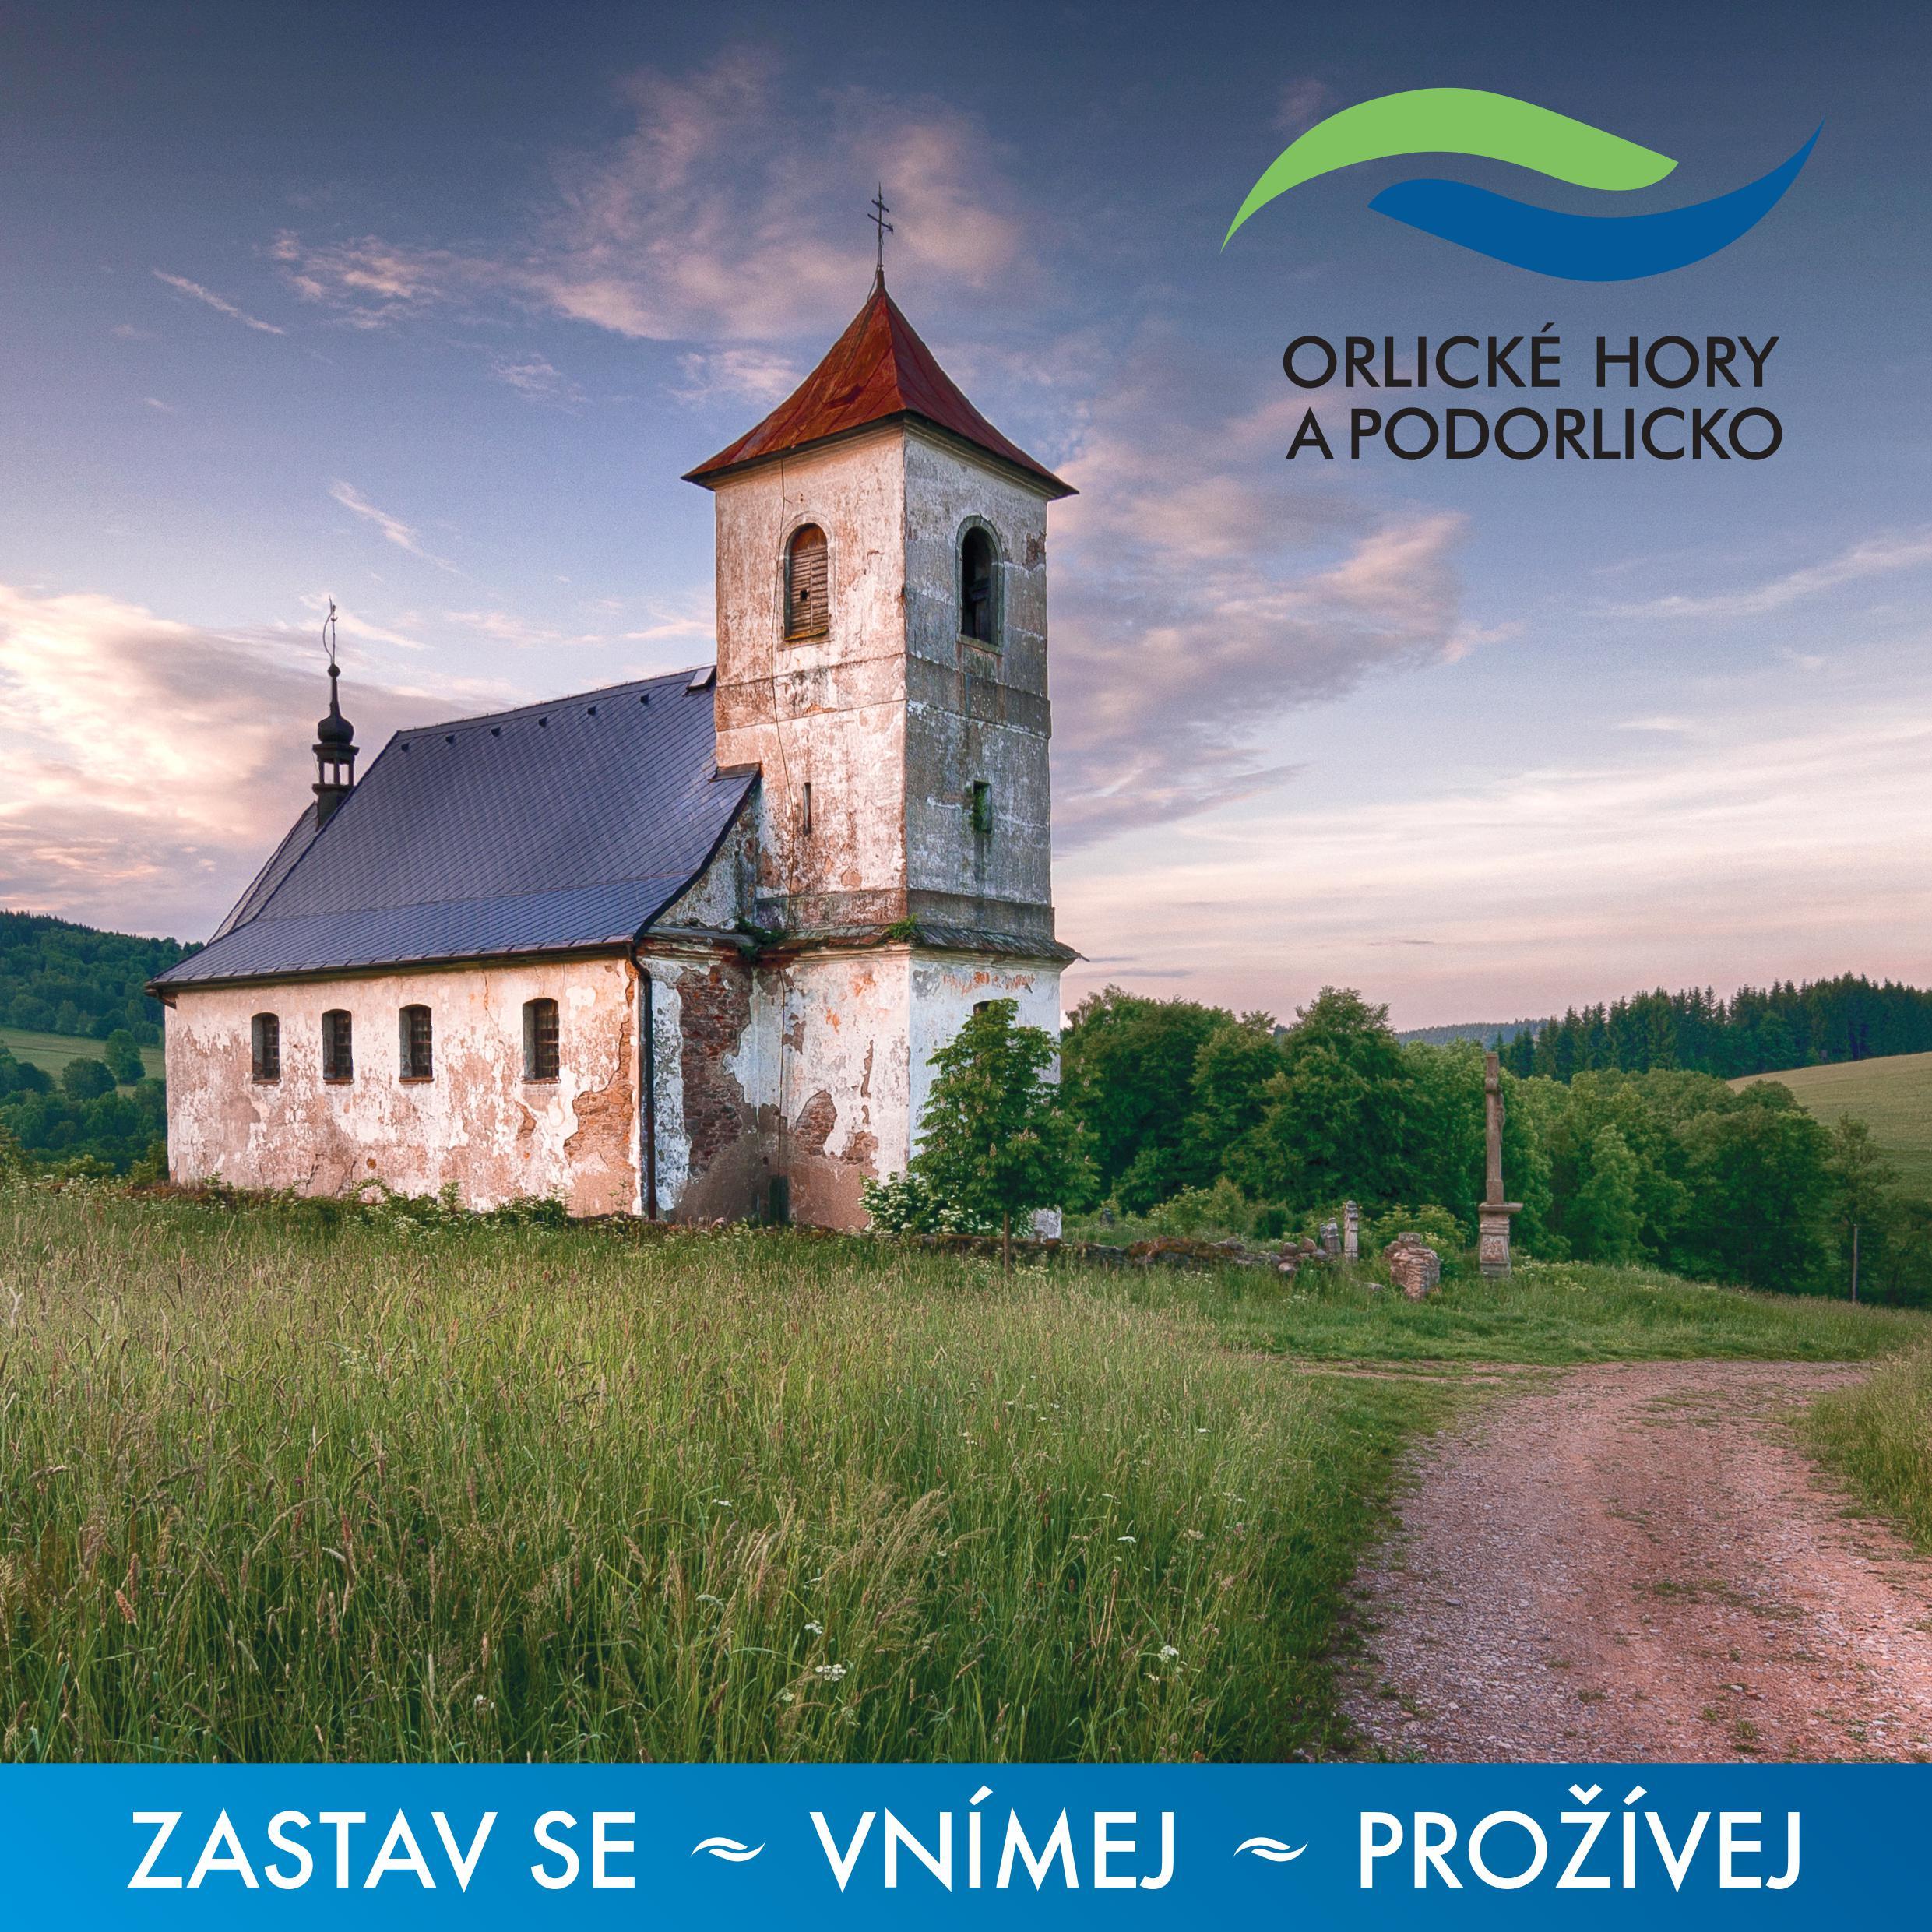 Fotografie v nové IMAGE brožuře turistické oblasti Orlické hory a Podorlicko